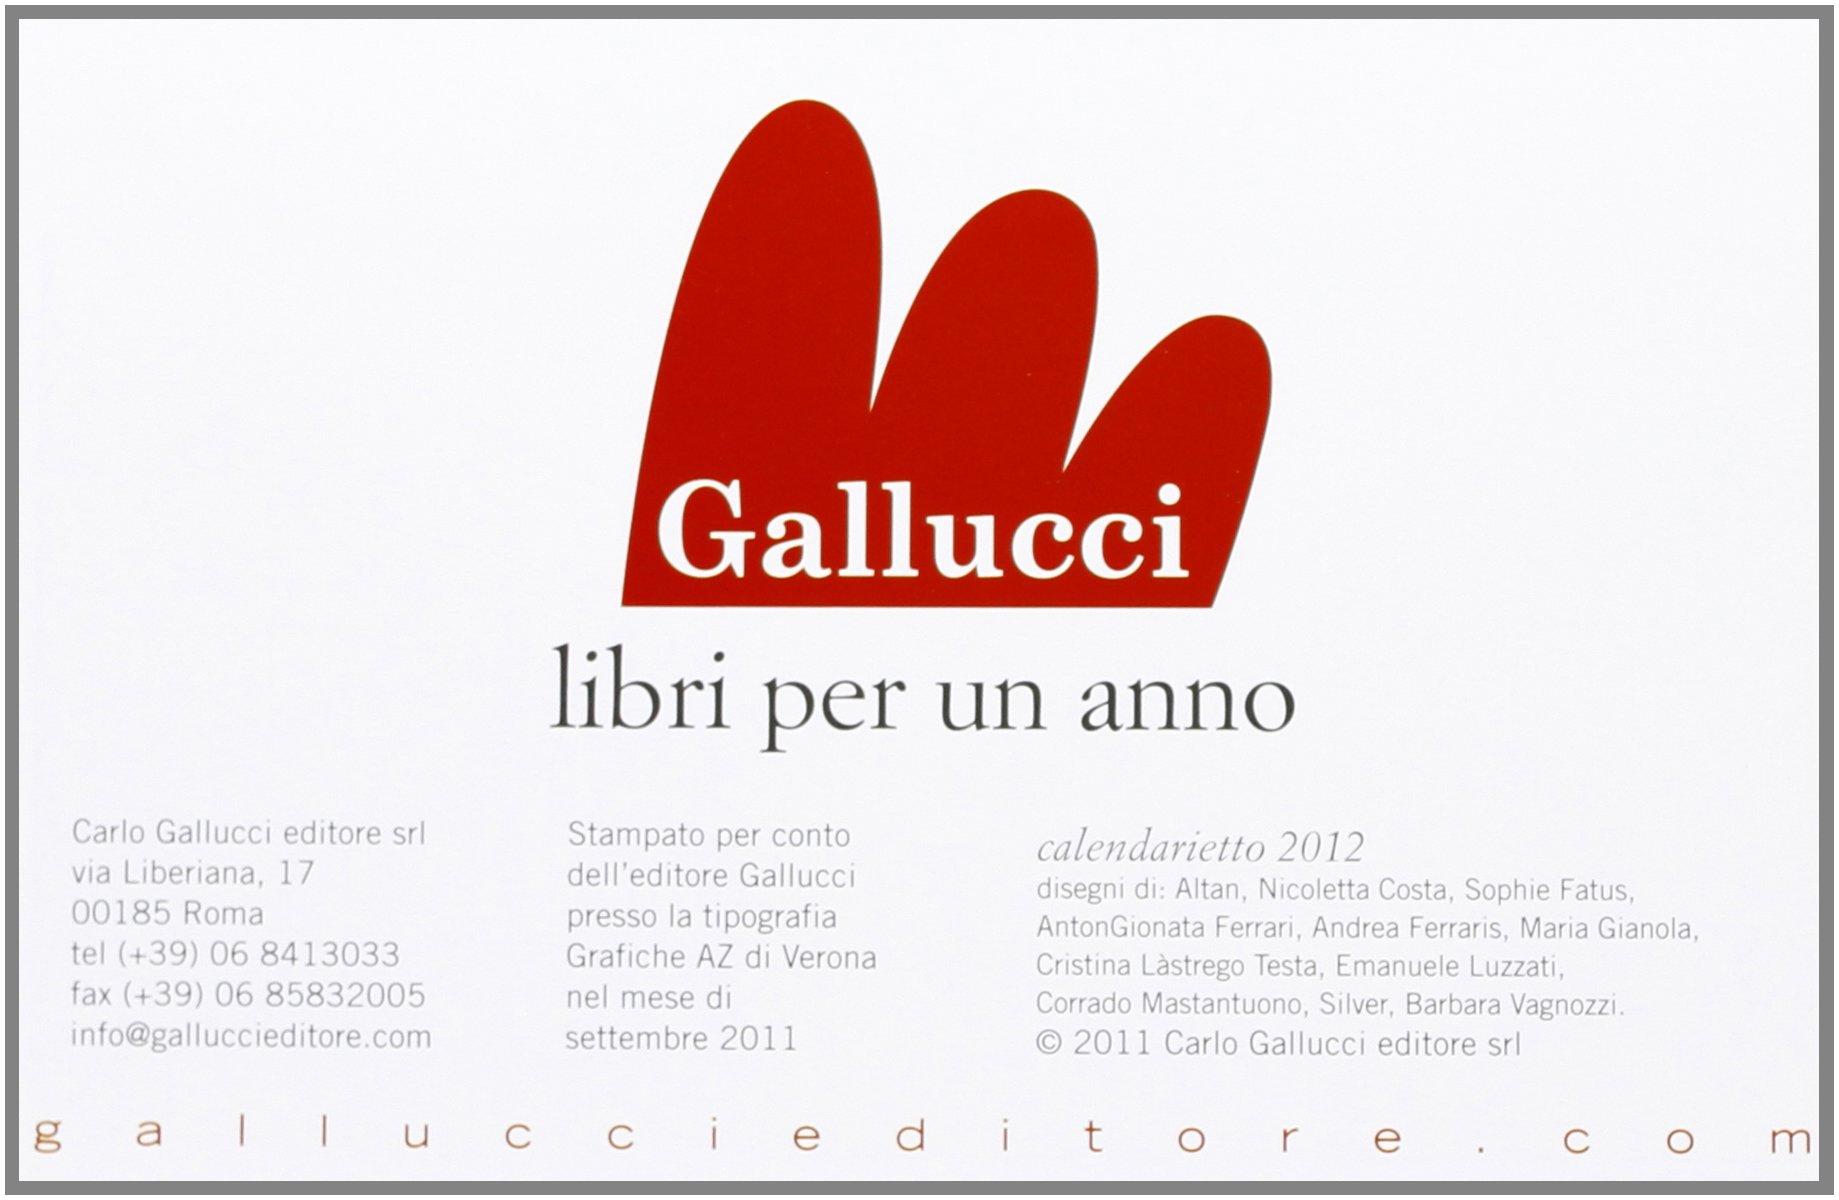 2012. Calendarietto